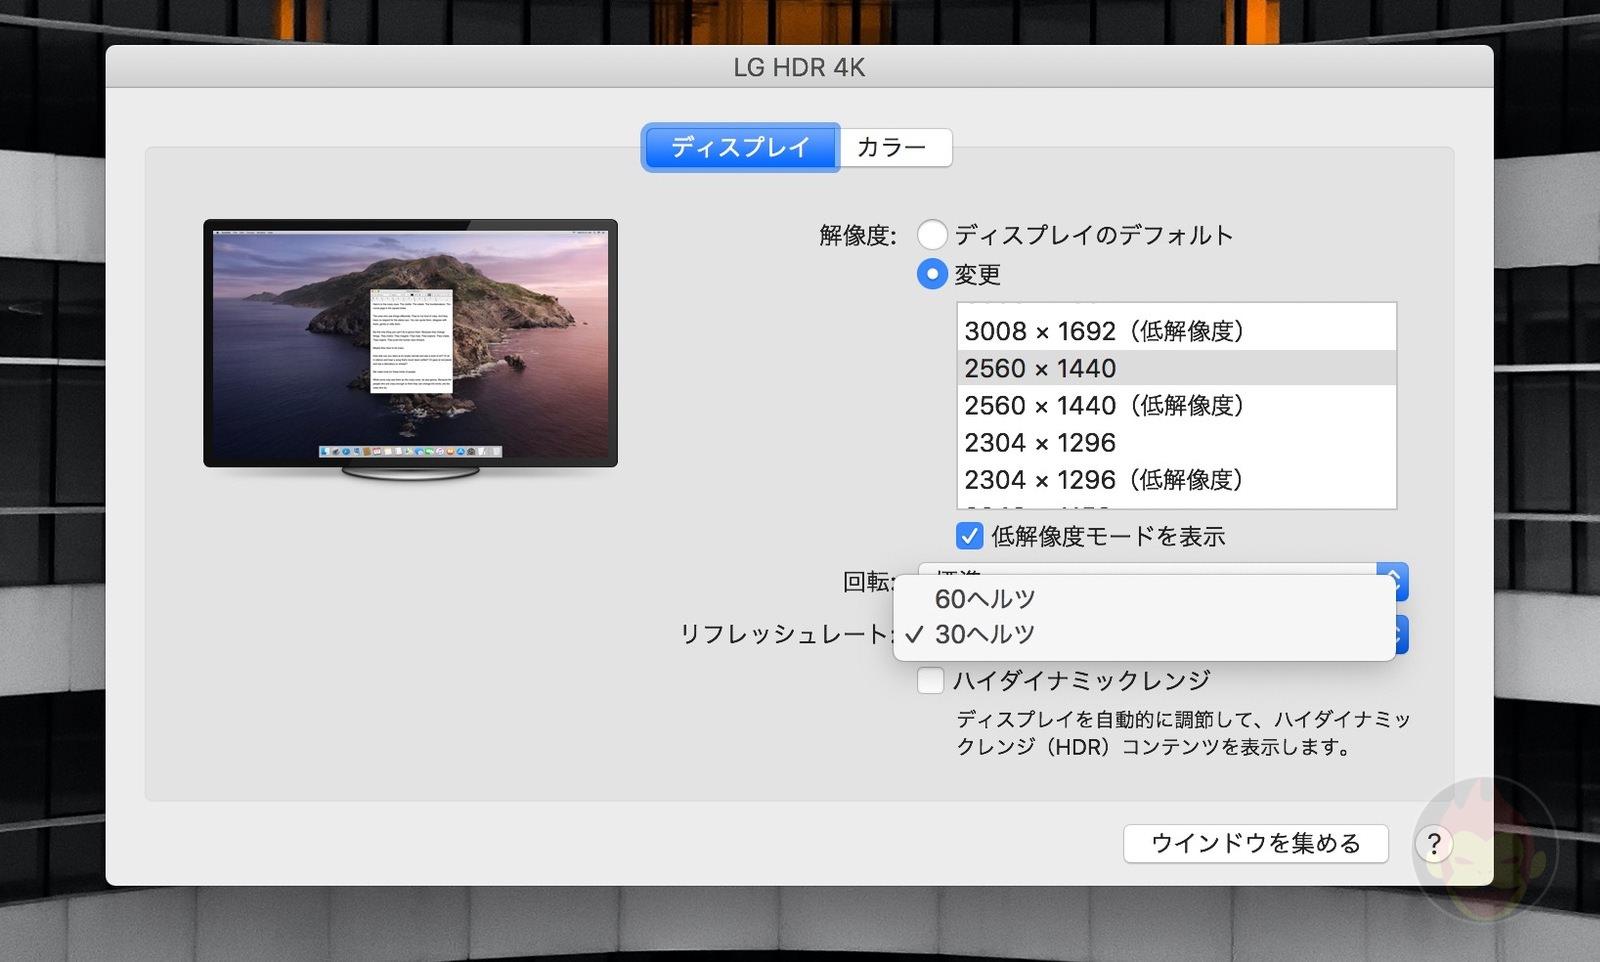 How-To-Set-Displays-to-30Hz-03.jpg